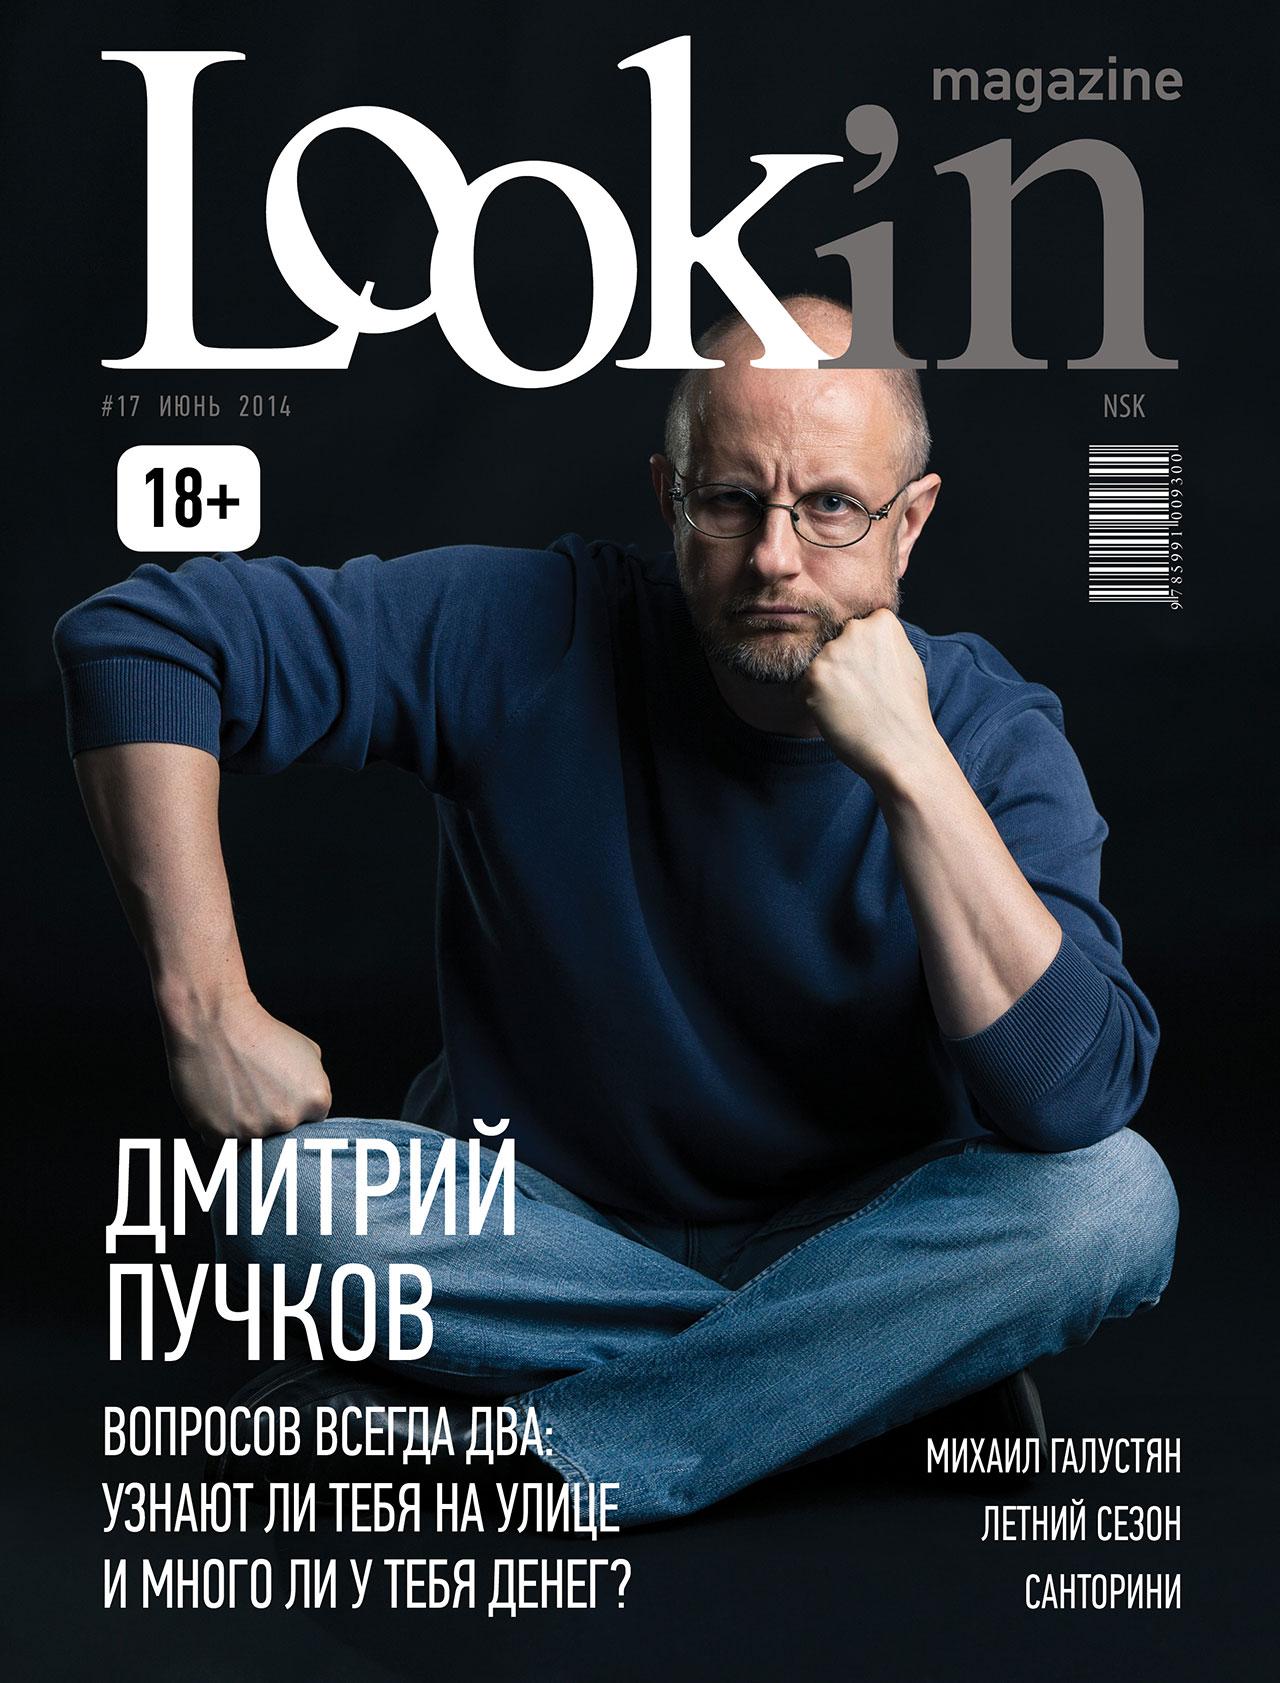 Журнал Lookin